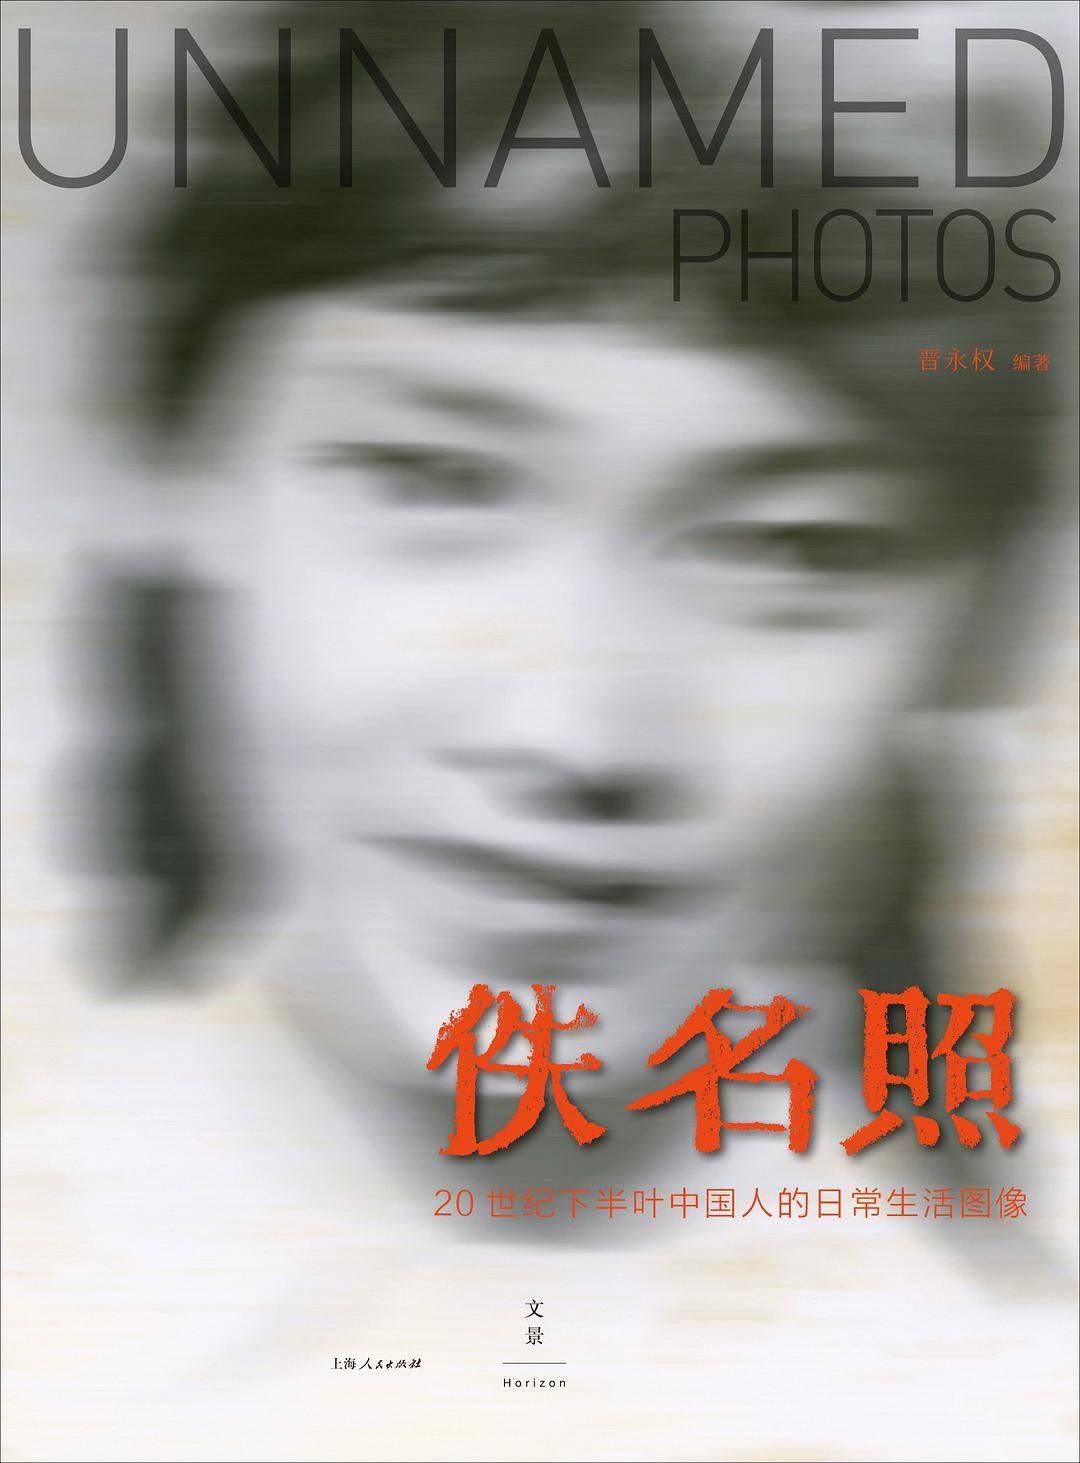 李公明︱一周书记:摄影叙事中的……历史肌理与研究前景